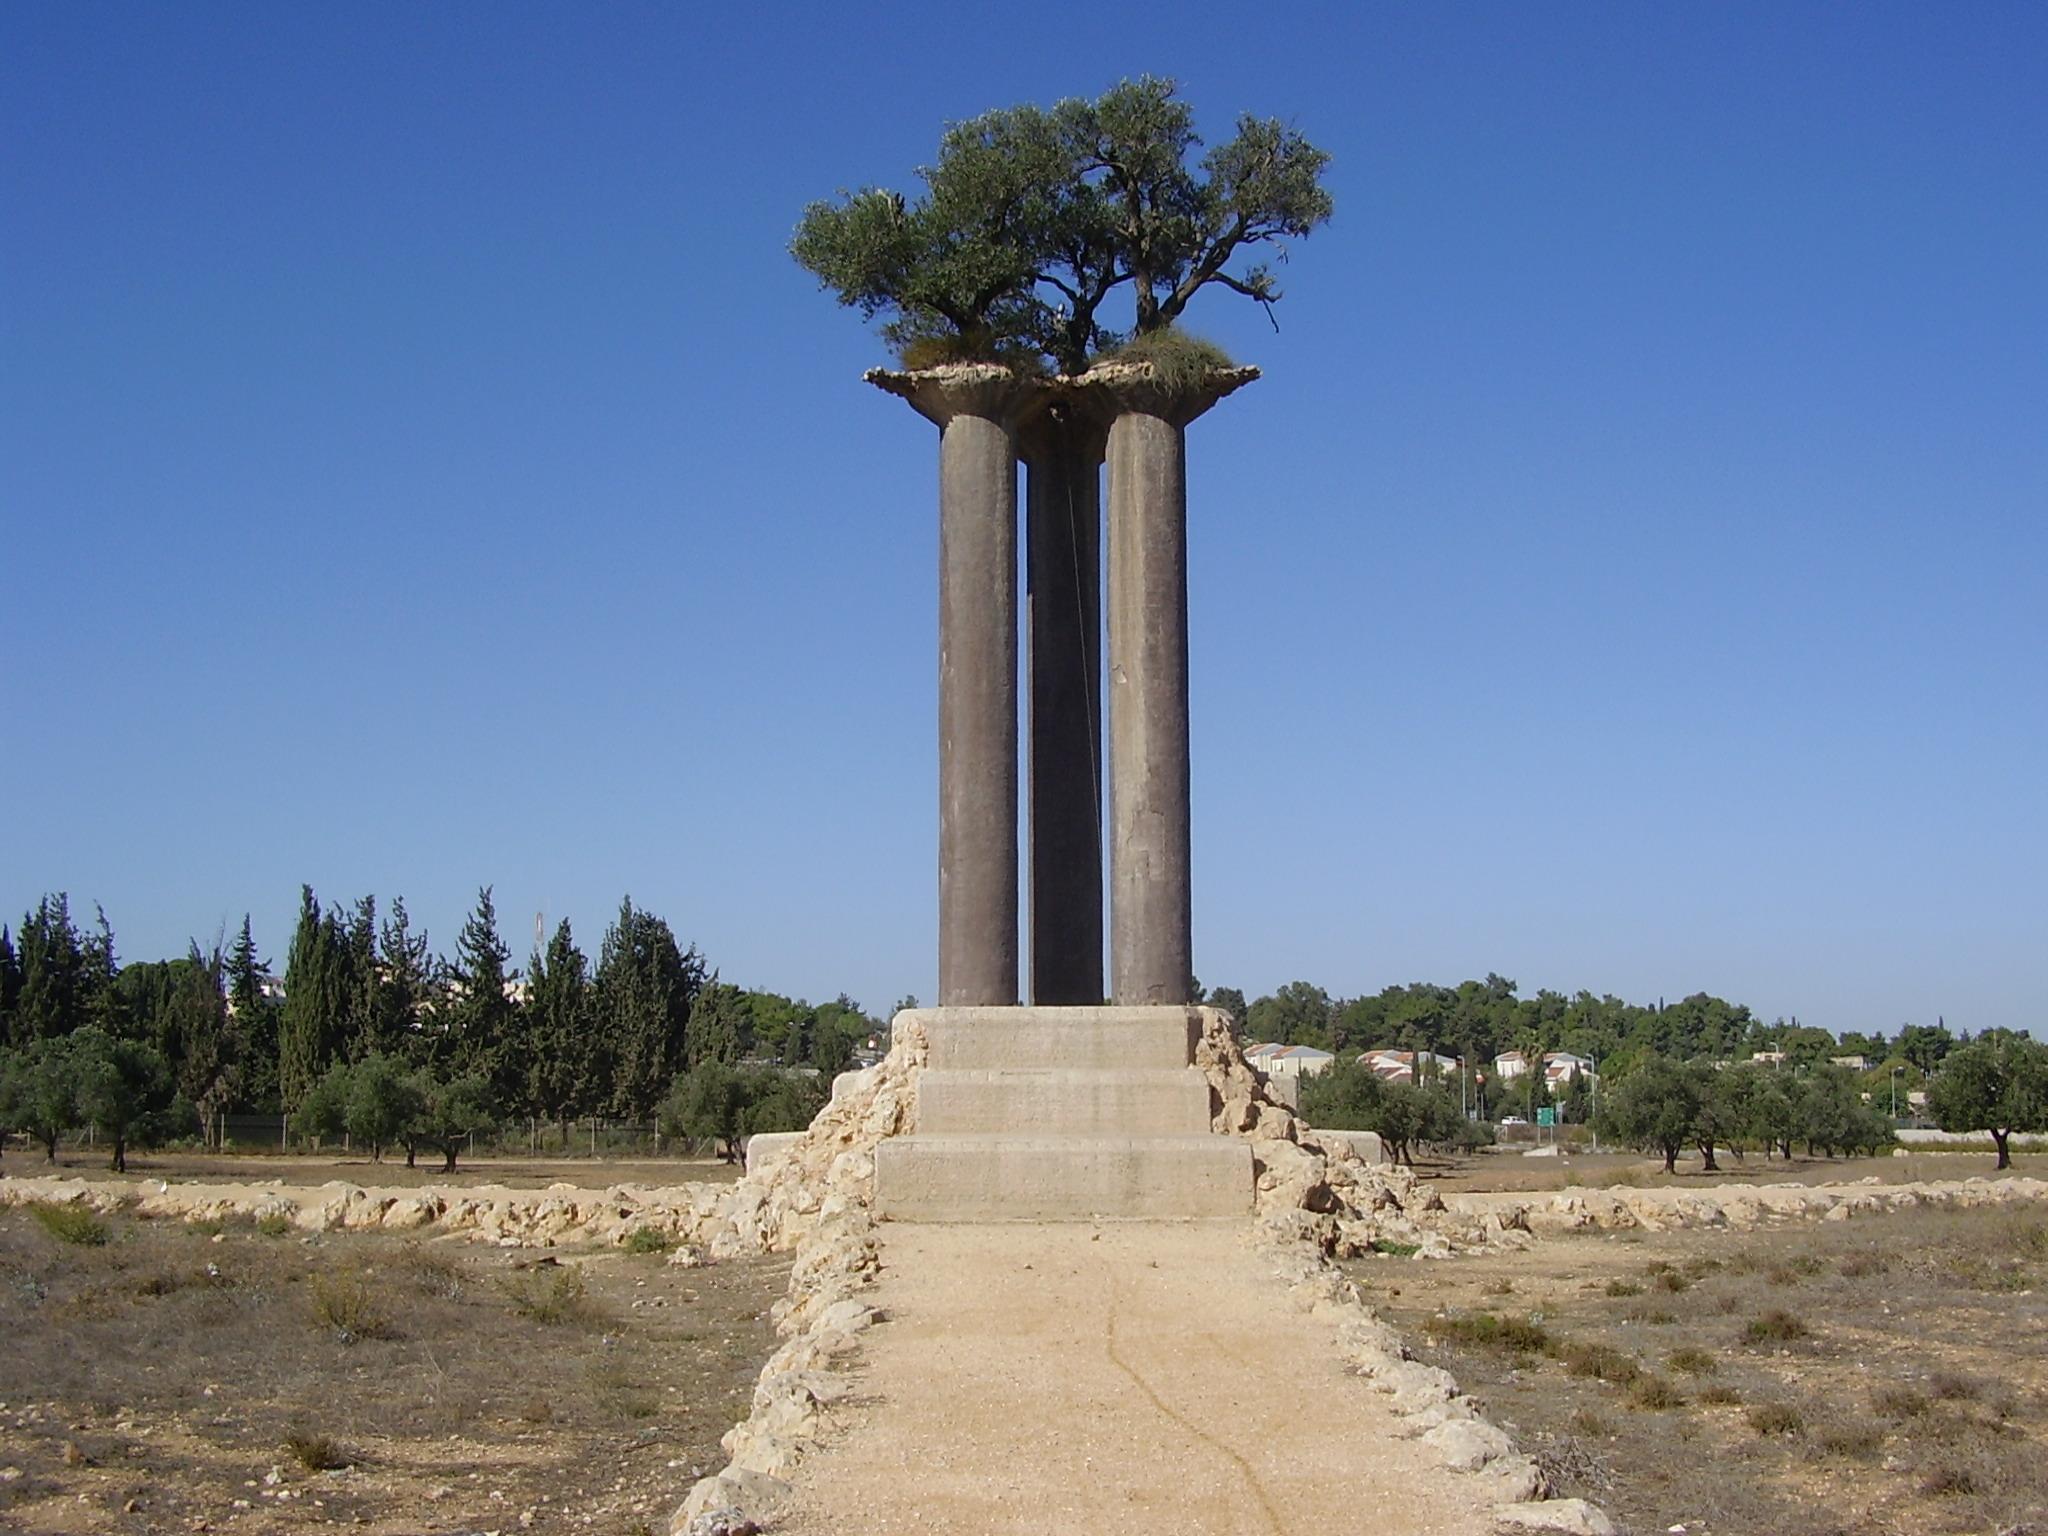 פסל עמודי הזית בפארק עמודי הזית ליד קיבוץ רמת רחל.